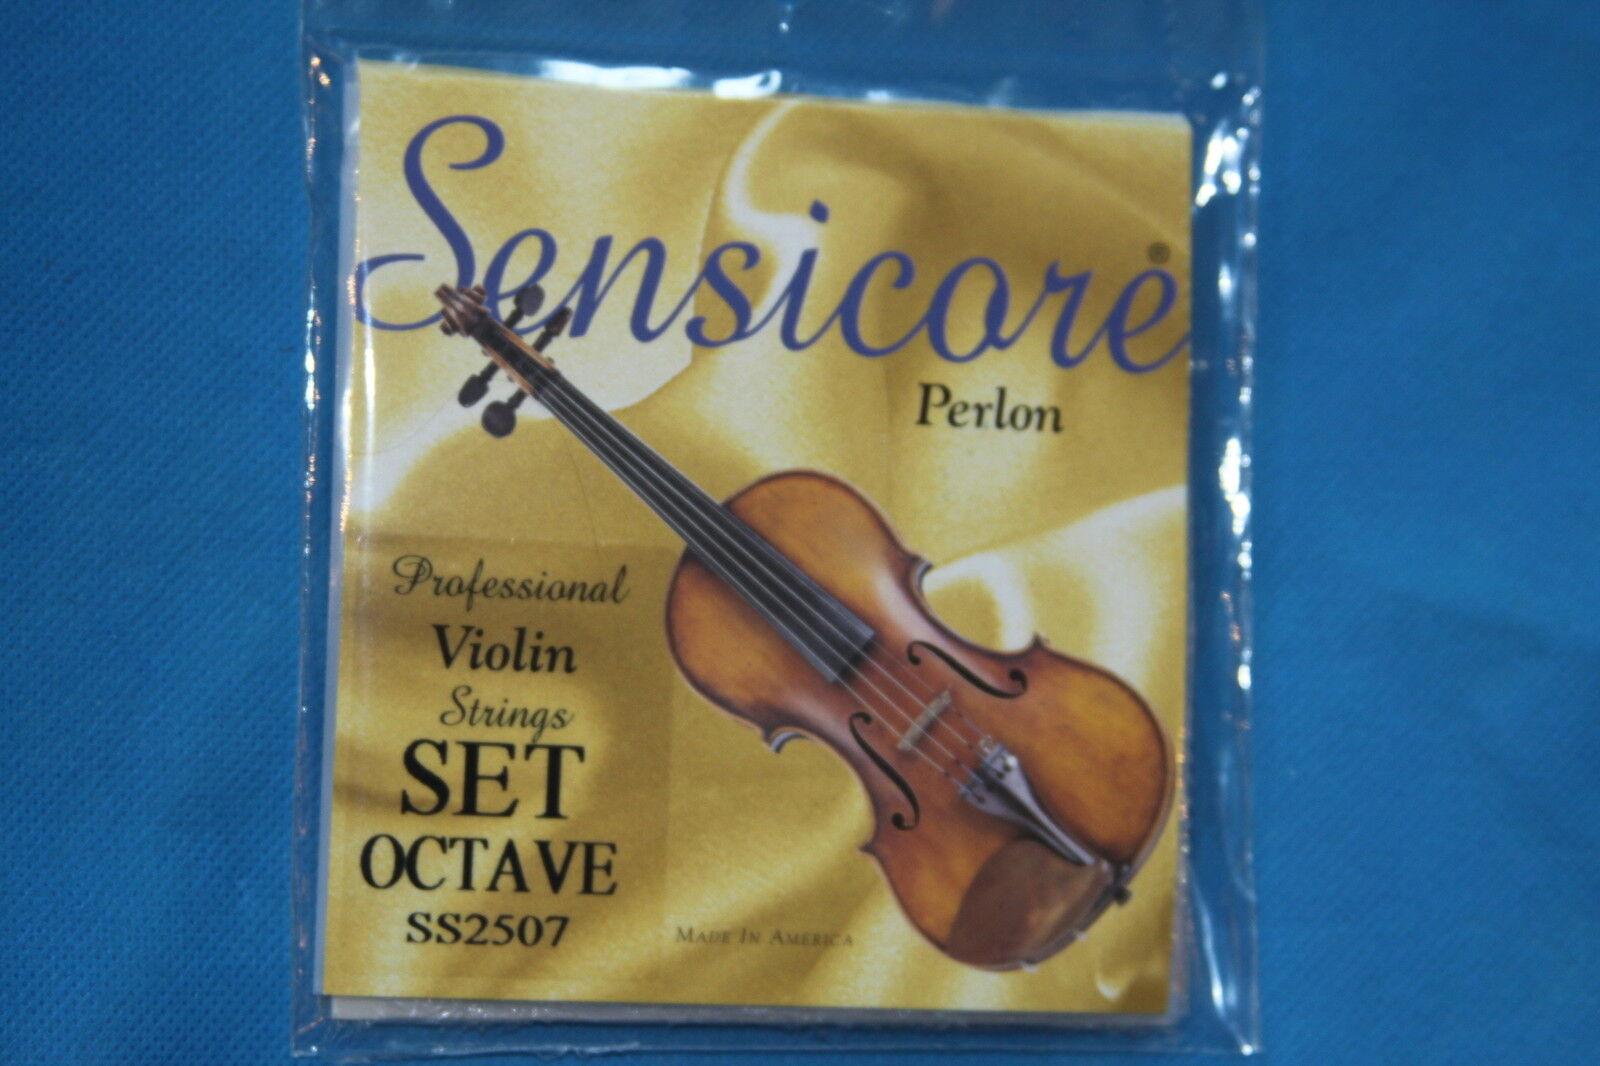 Super Sensitive SensiCore Perlon Cuerdas Cuerdas Cuerdas Violín 4 4, conjunto de octava, los fabricantes parte número SS2507 1af20c